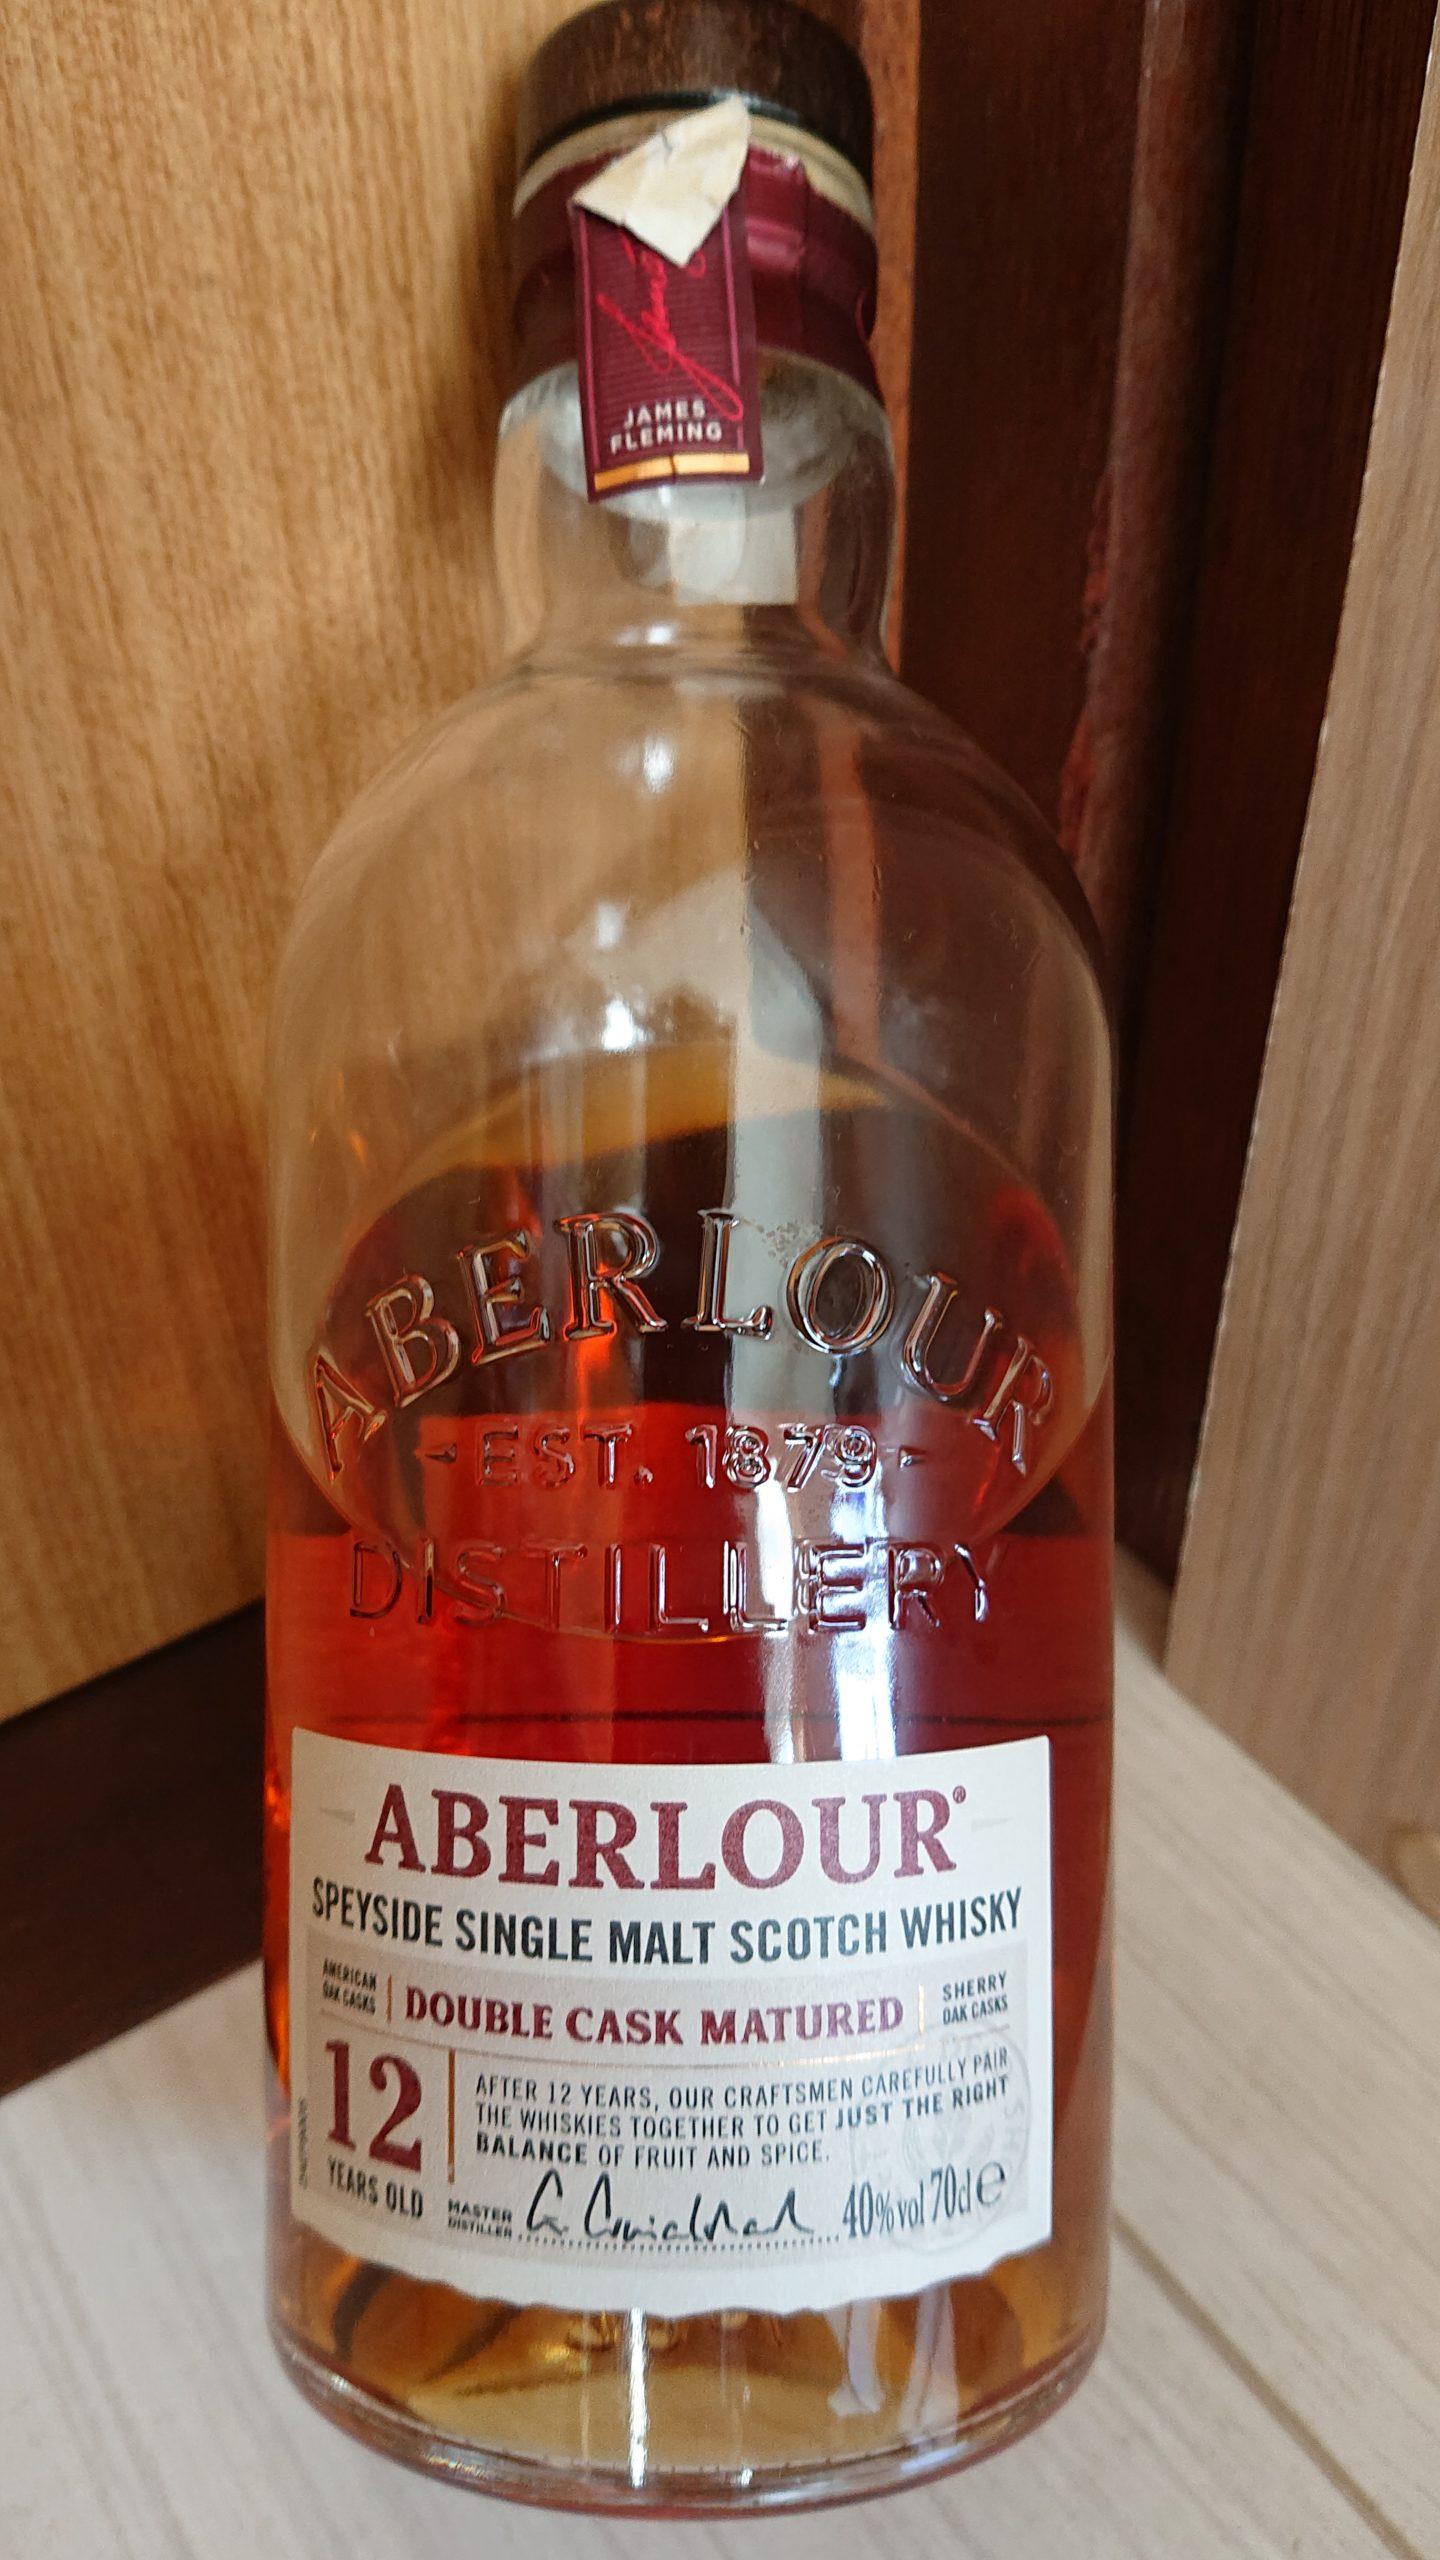 アベラワー12年ダブルカスクマチュアードのテイスティング・フランスで人気の軽やかなデザートウィスキー